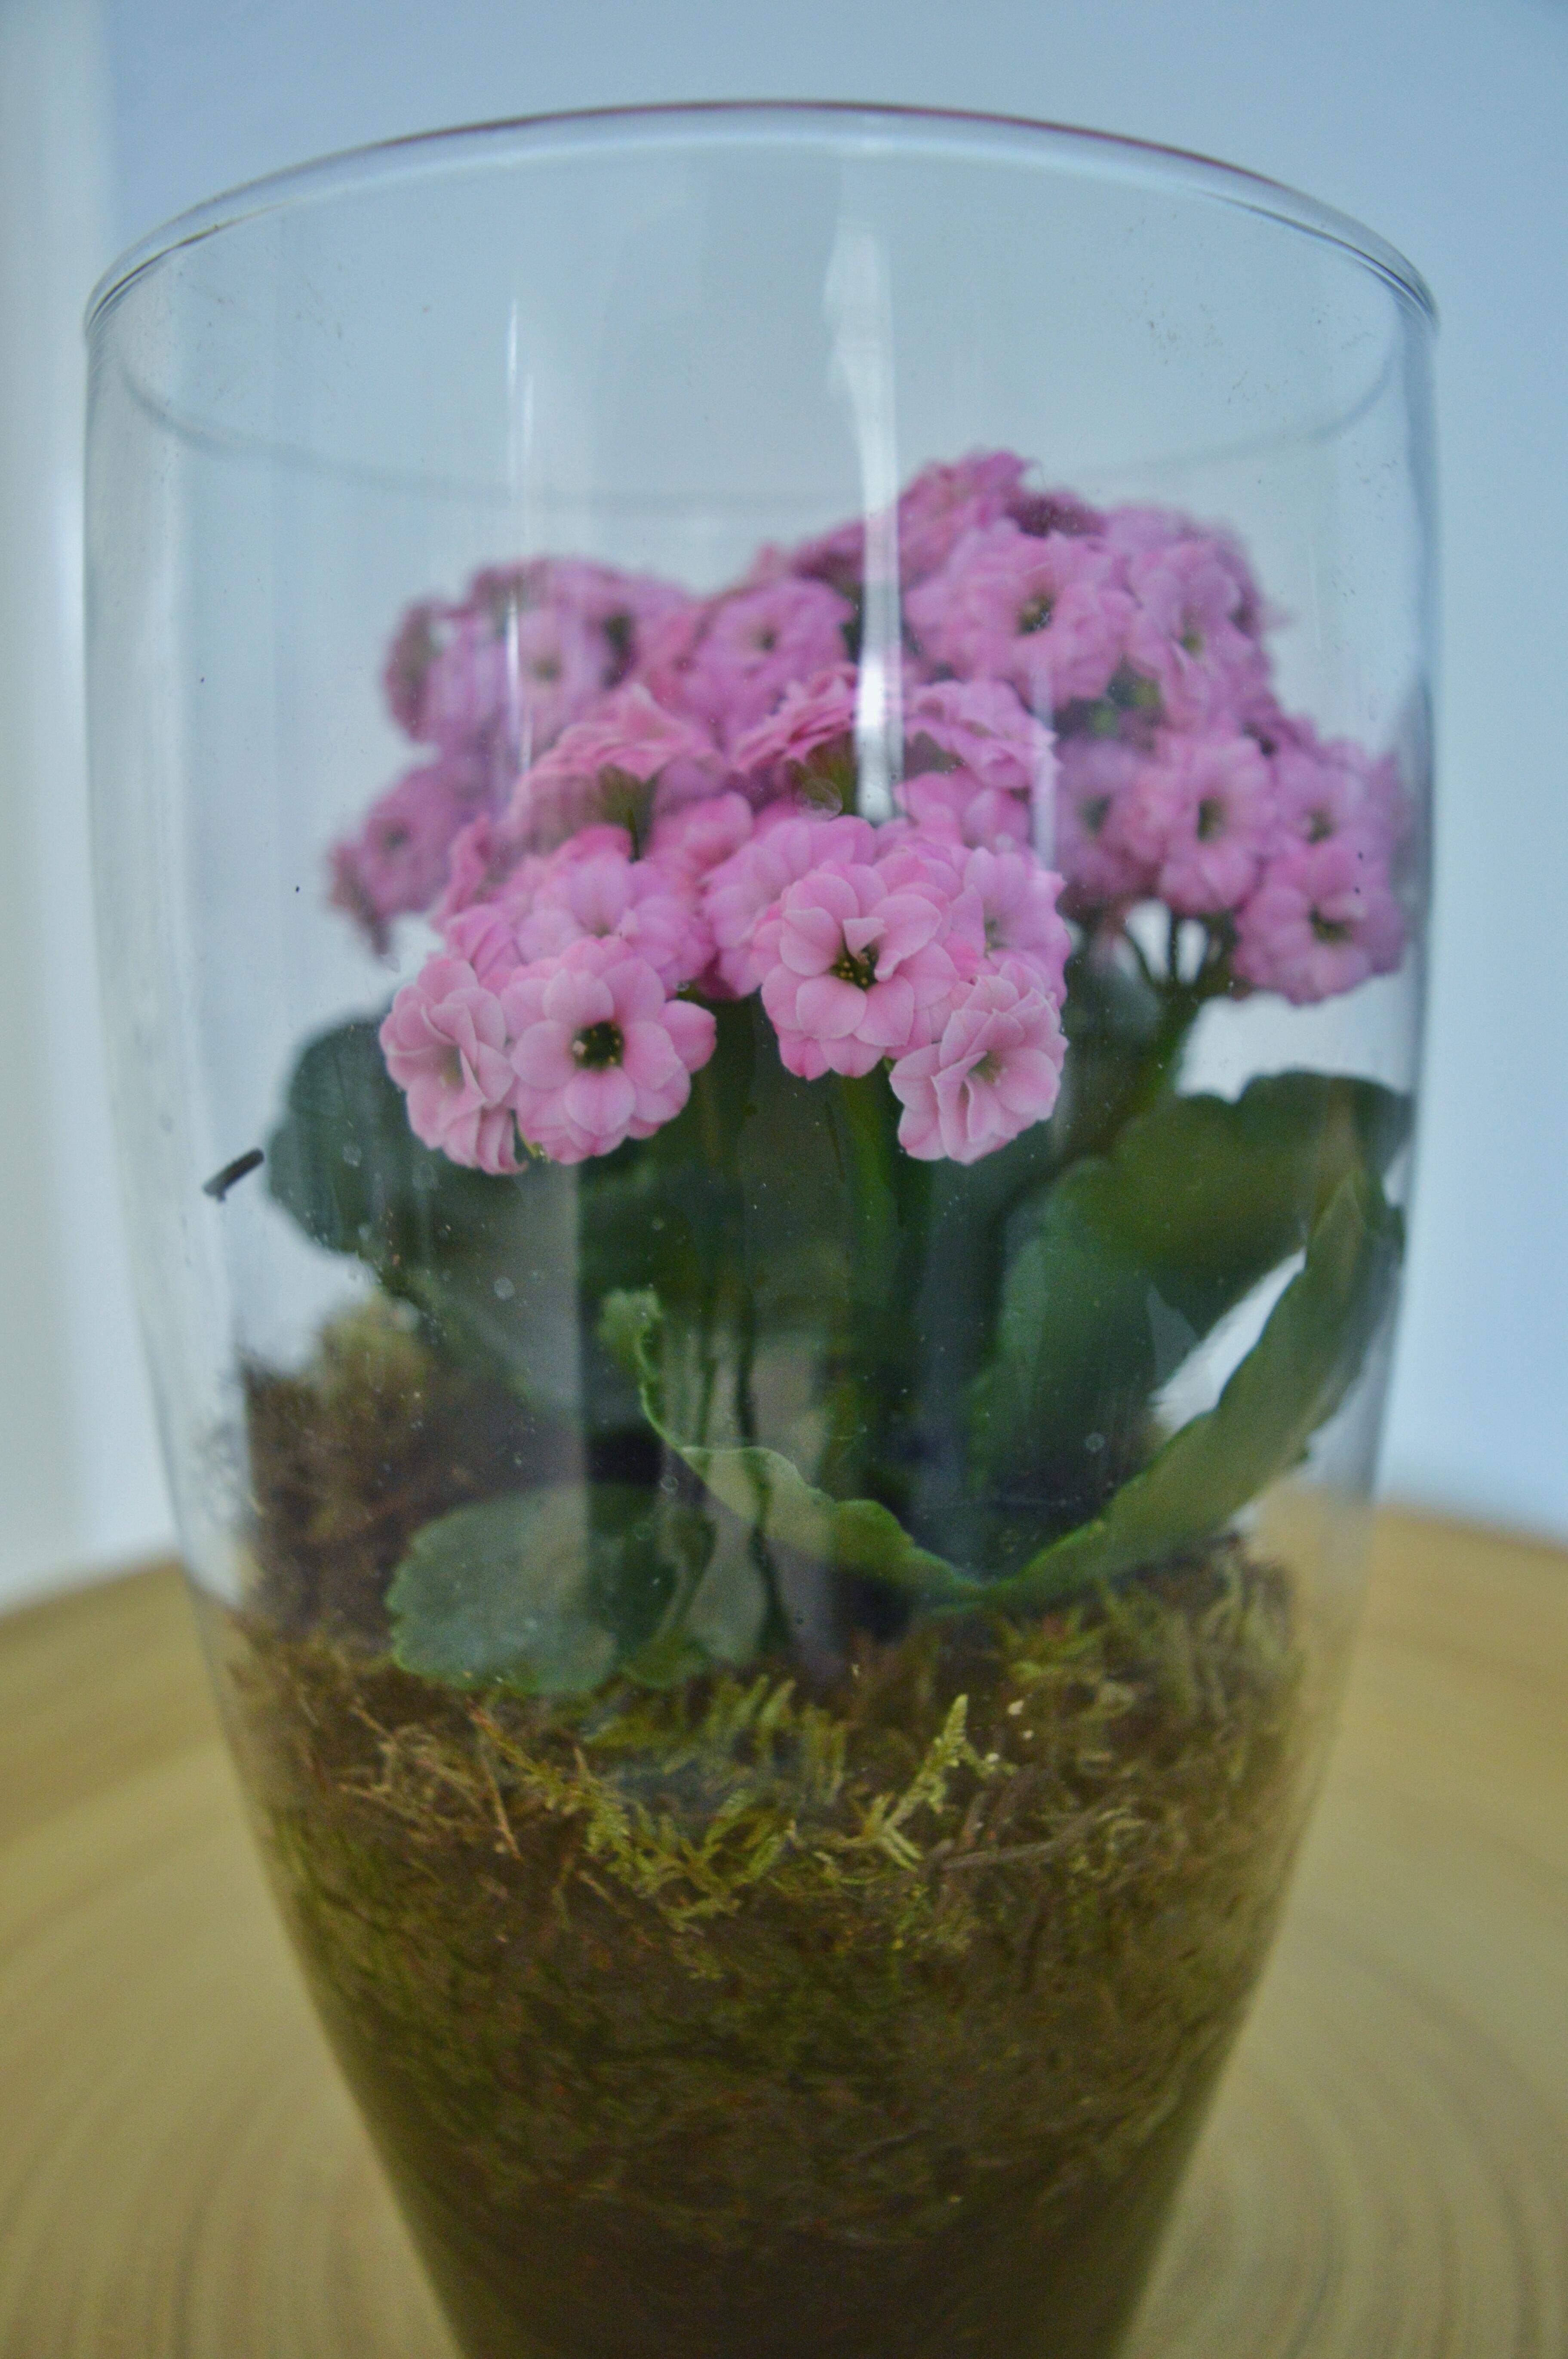 vase lighting. Plant Flower Glass Vase Lighting Flowerpot Floristry Hyacinth Flowering Floral Design Centrepiece Land L